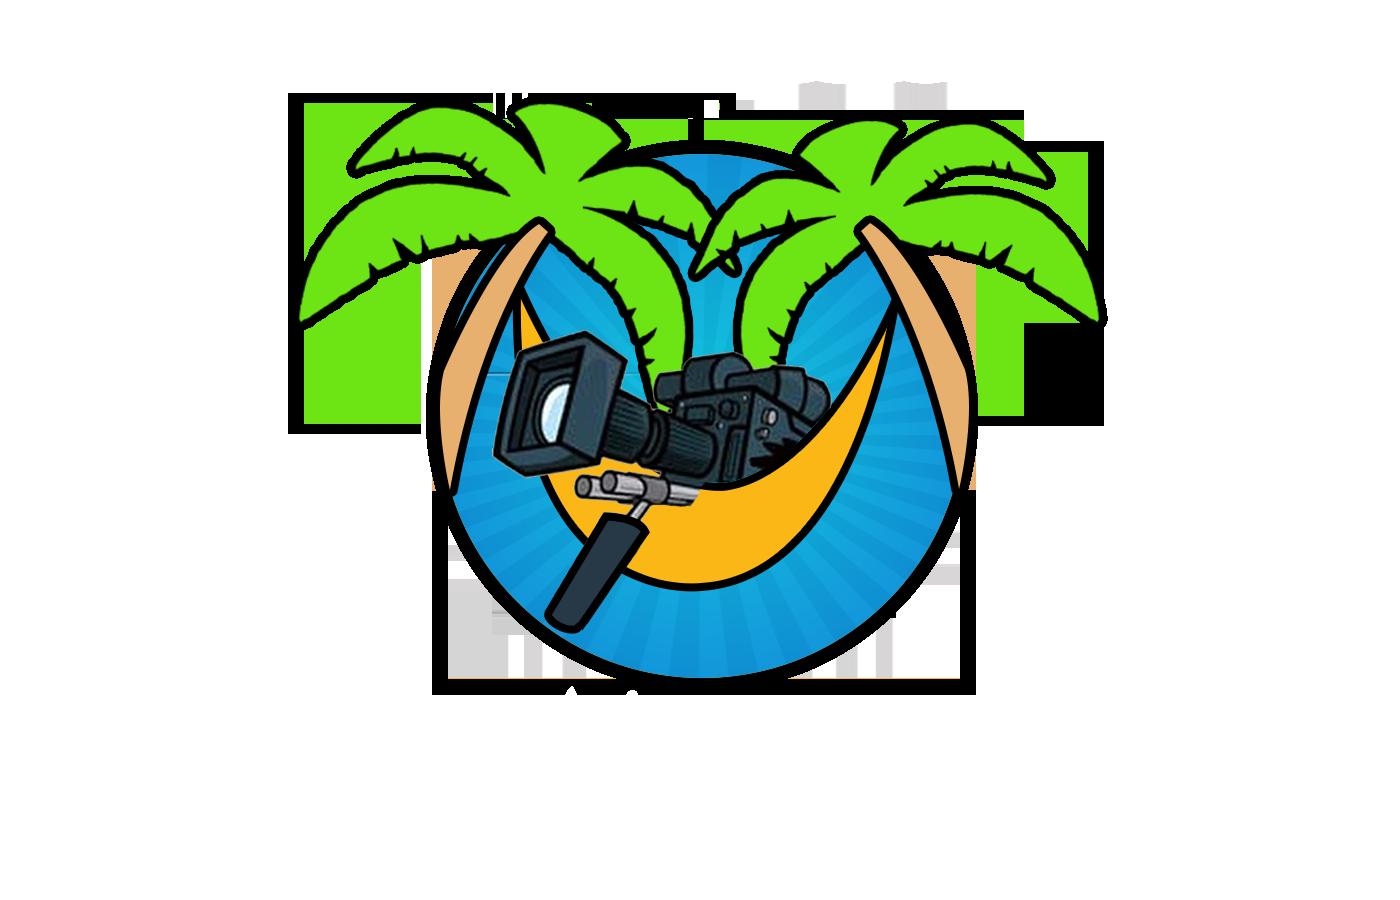 Palm clipart hammock. Films media logo